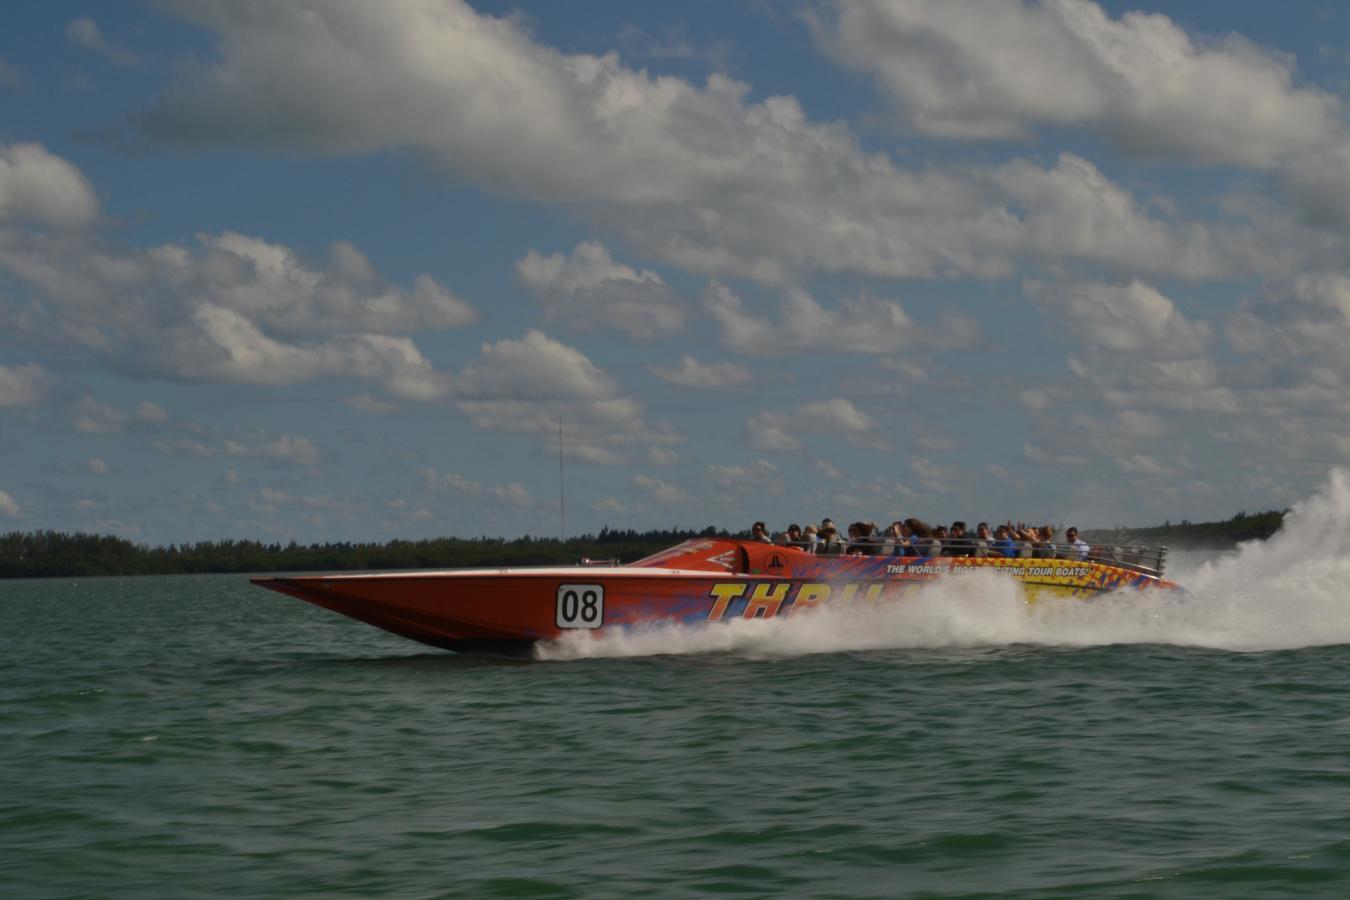 Komm mit uns an Bord 08 Thriller Miami